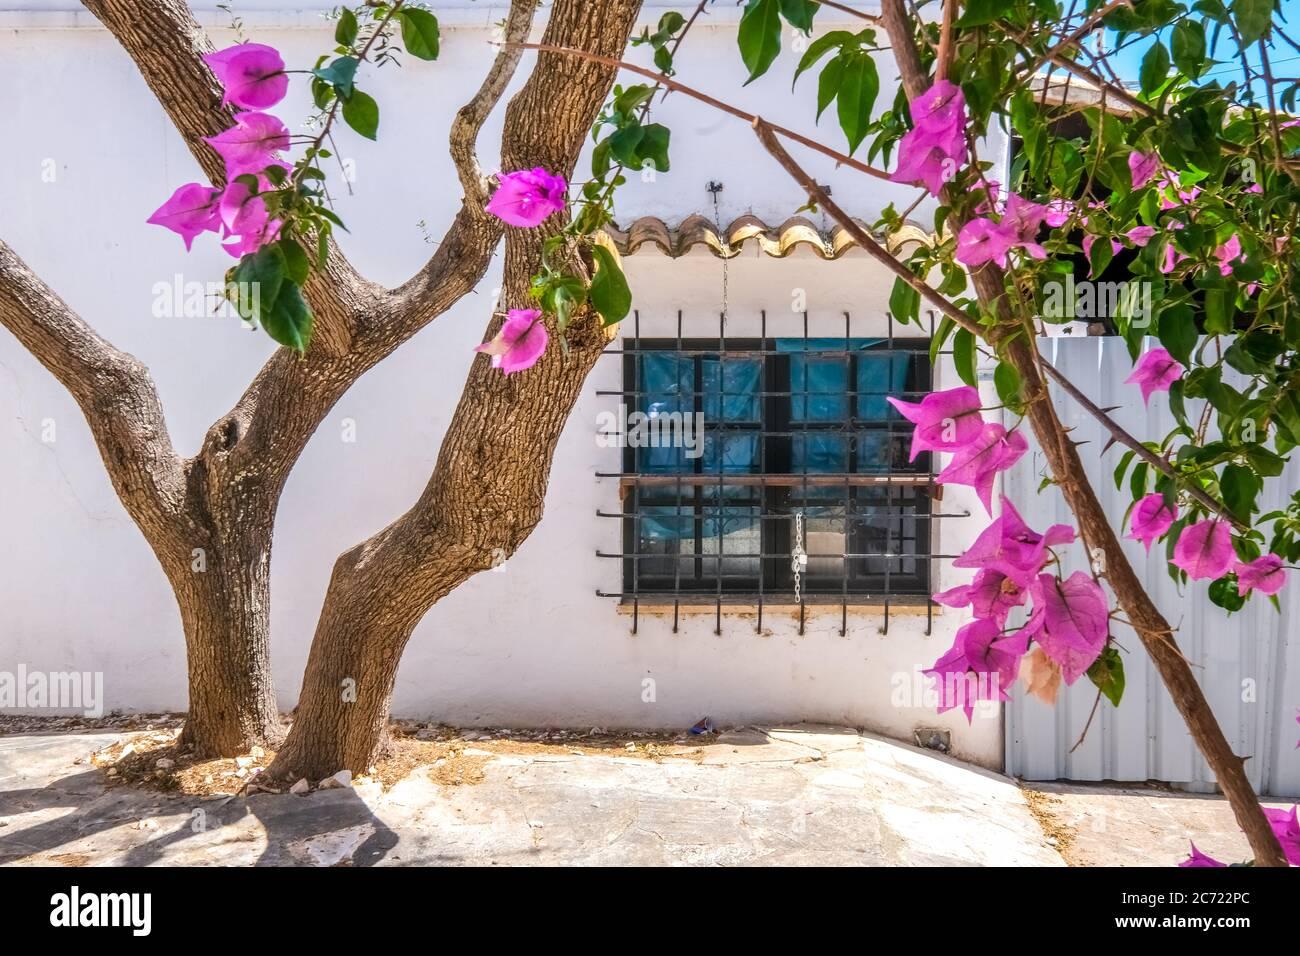 , , Olivenbaum und blühende Bougavilla in einem Hinterhof im Ferienort Cala d'Or an der Südostküste von Mallorca. Fenster mit Fenstersperre, Santanyí, EU Stockfoto